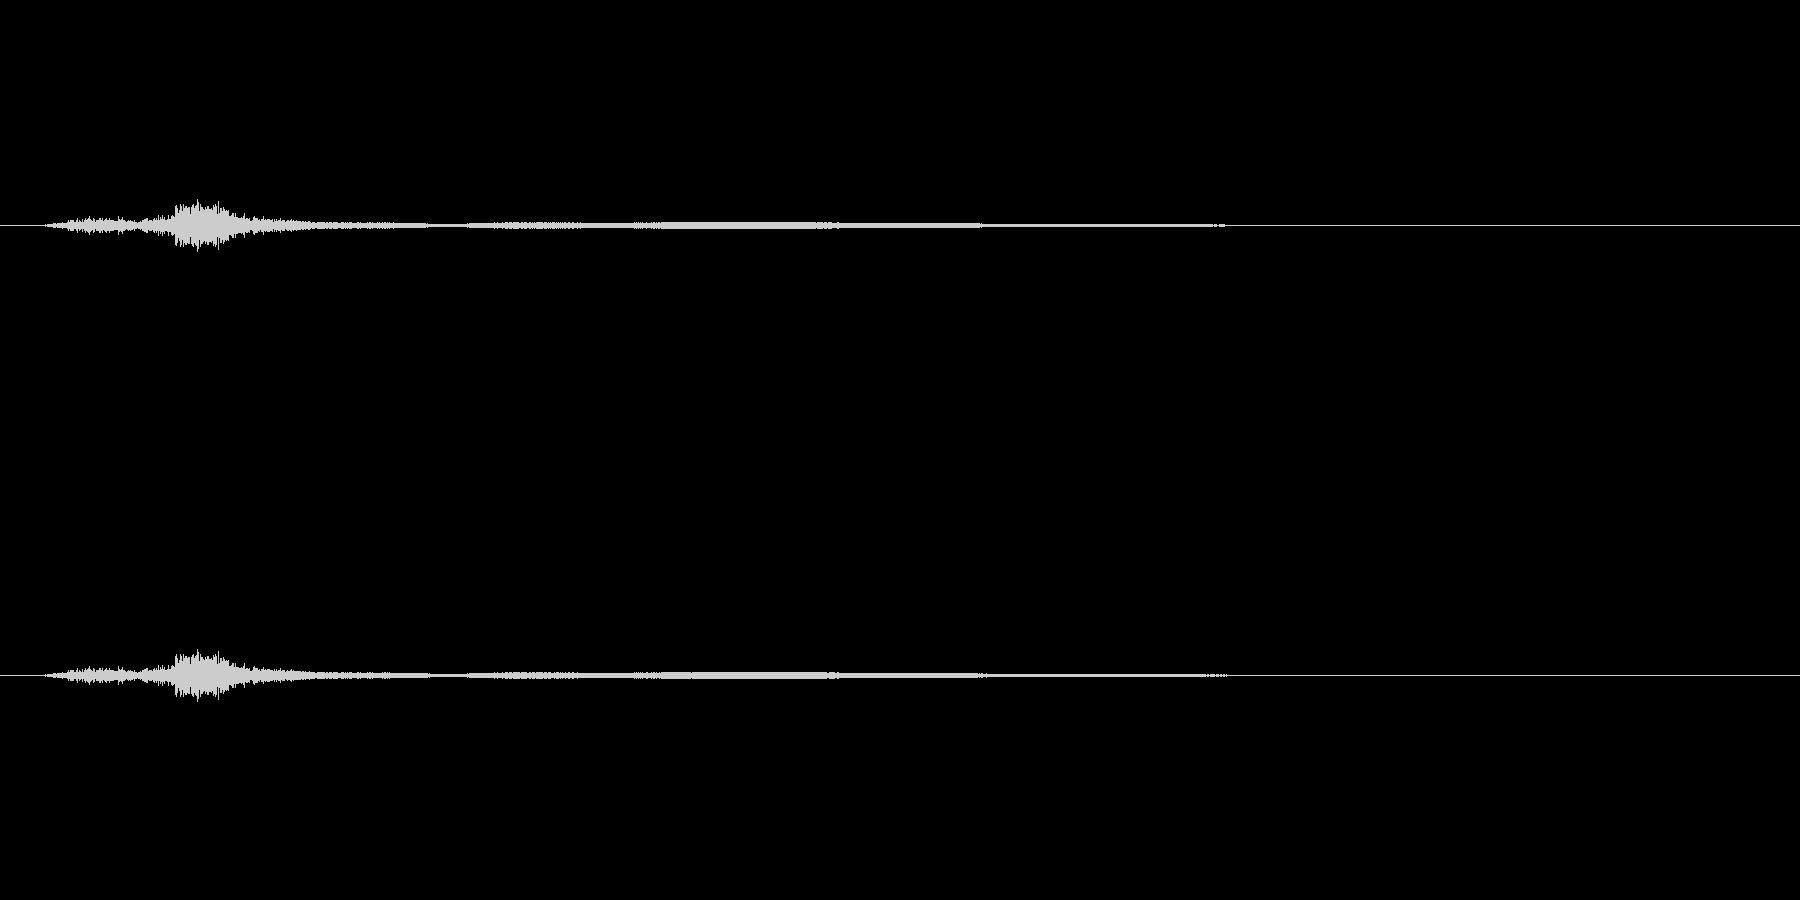 シャキーン(包丁を研ぐ音)の未再生の波形